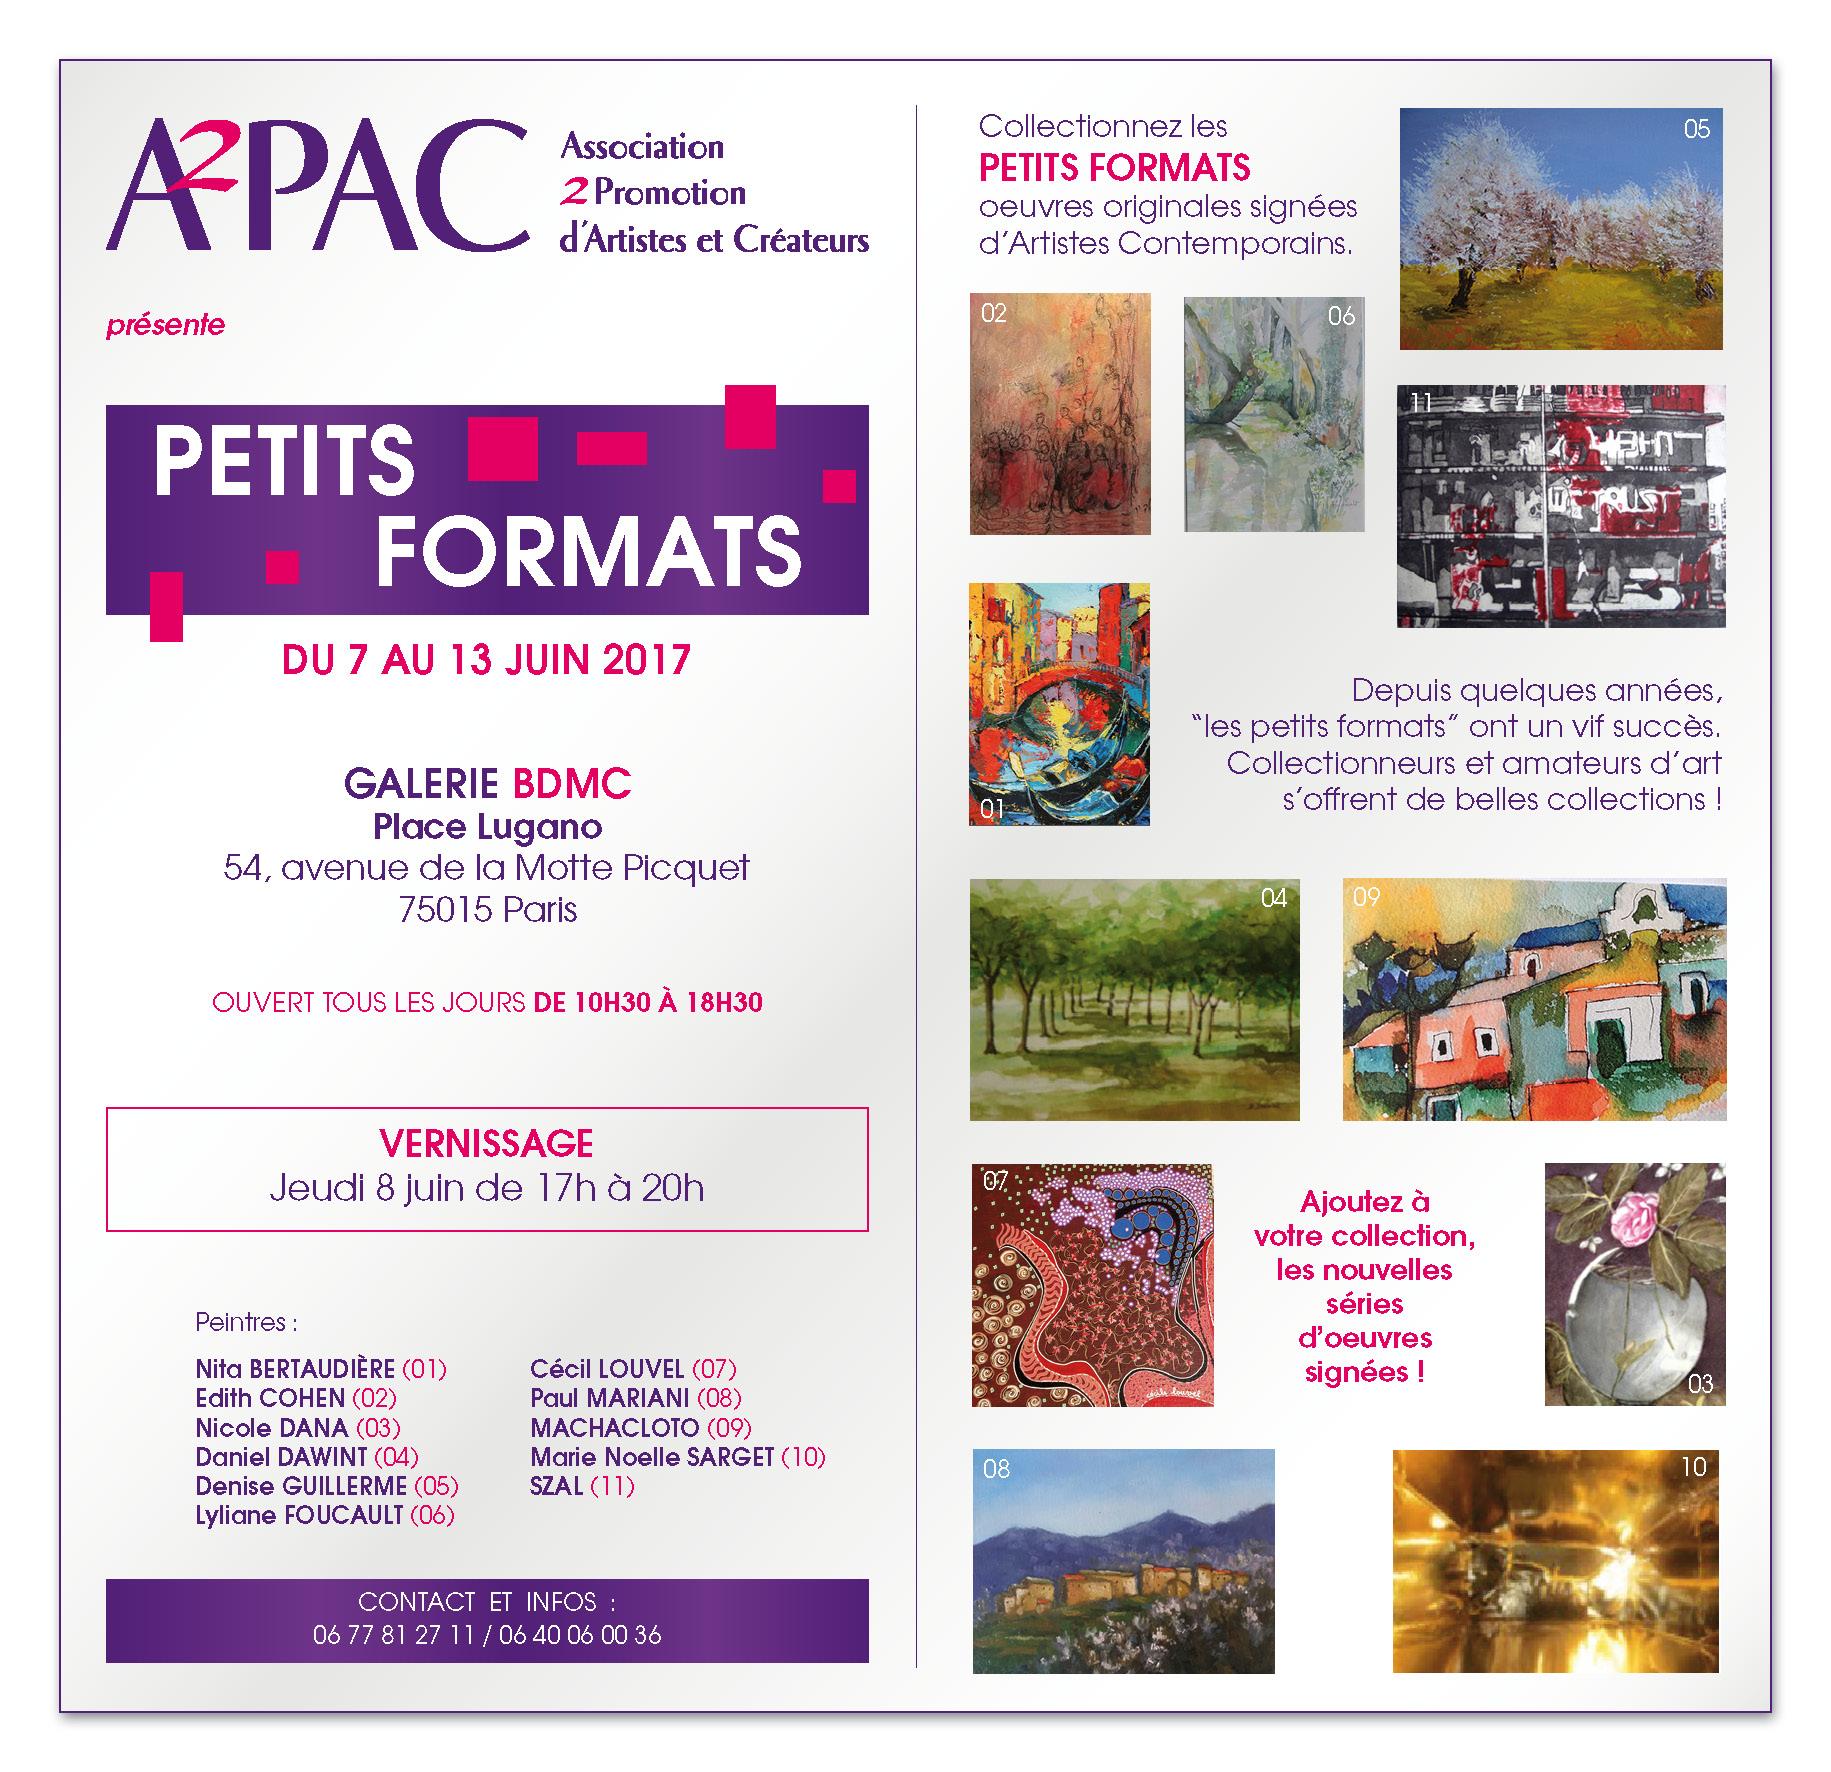 A2PAC_INVIT_PETITS-FORMATS